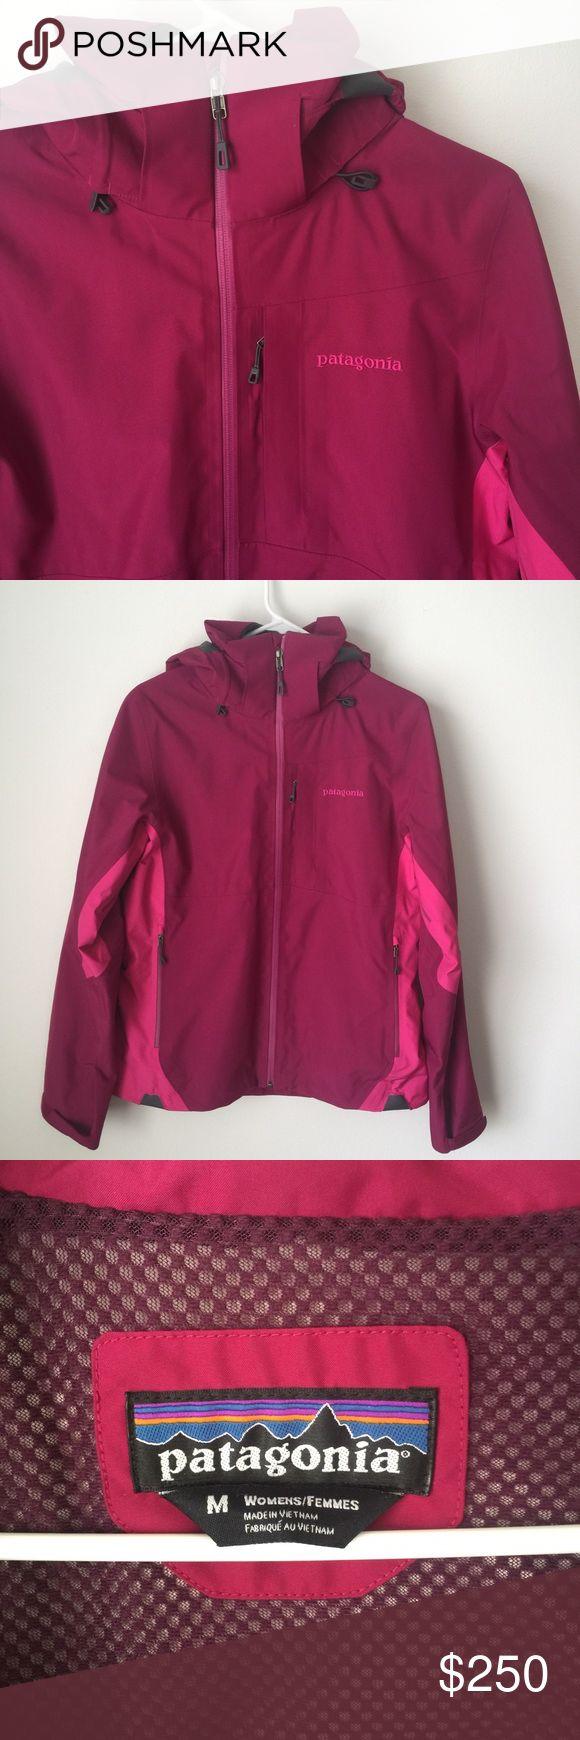 Patagonia jacket Patagonia ski jacket Patagonia Jackets & Coats